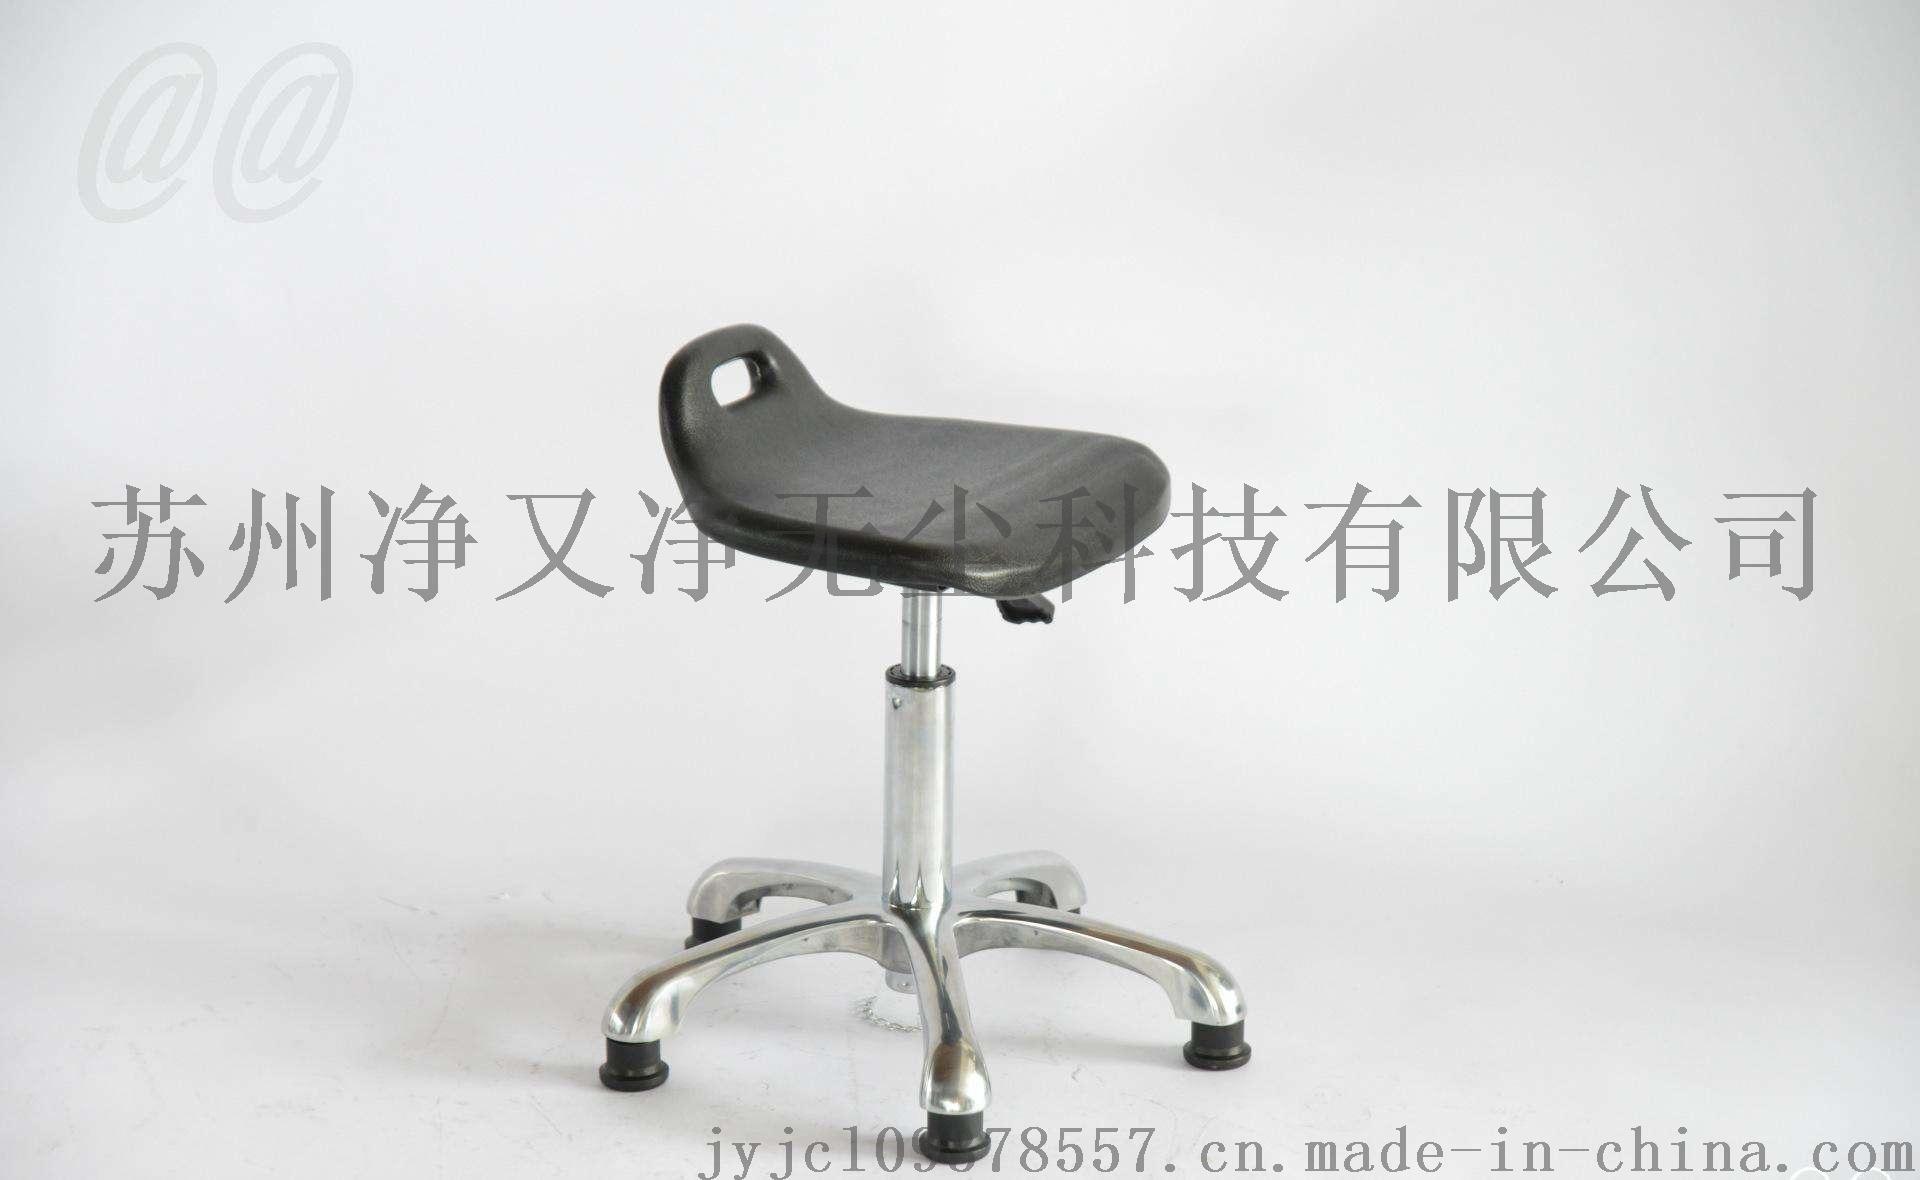 防静电椅子 厂家直销防静电椅靠背实验室椅子66686005